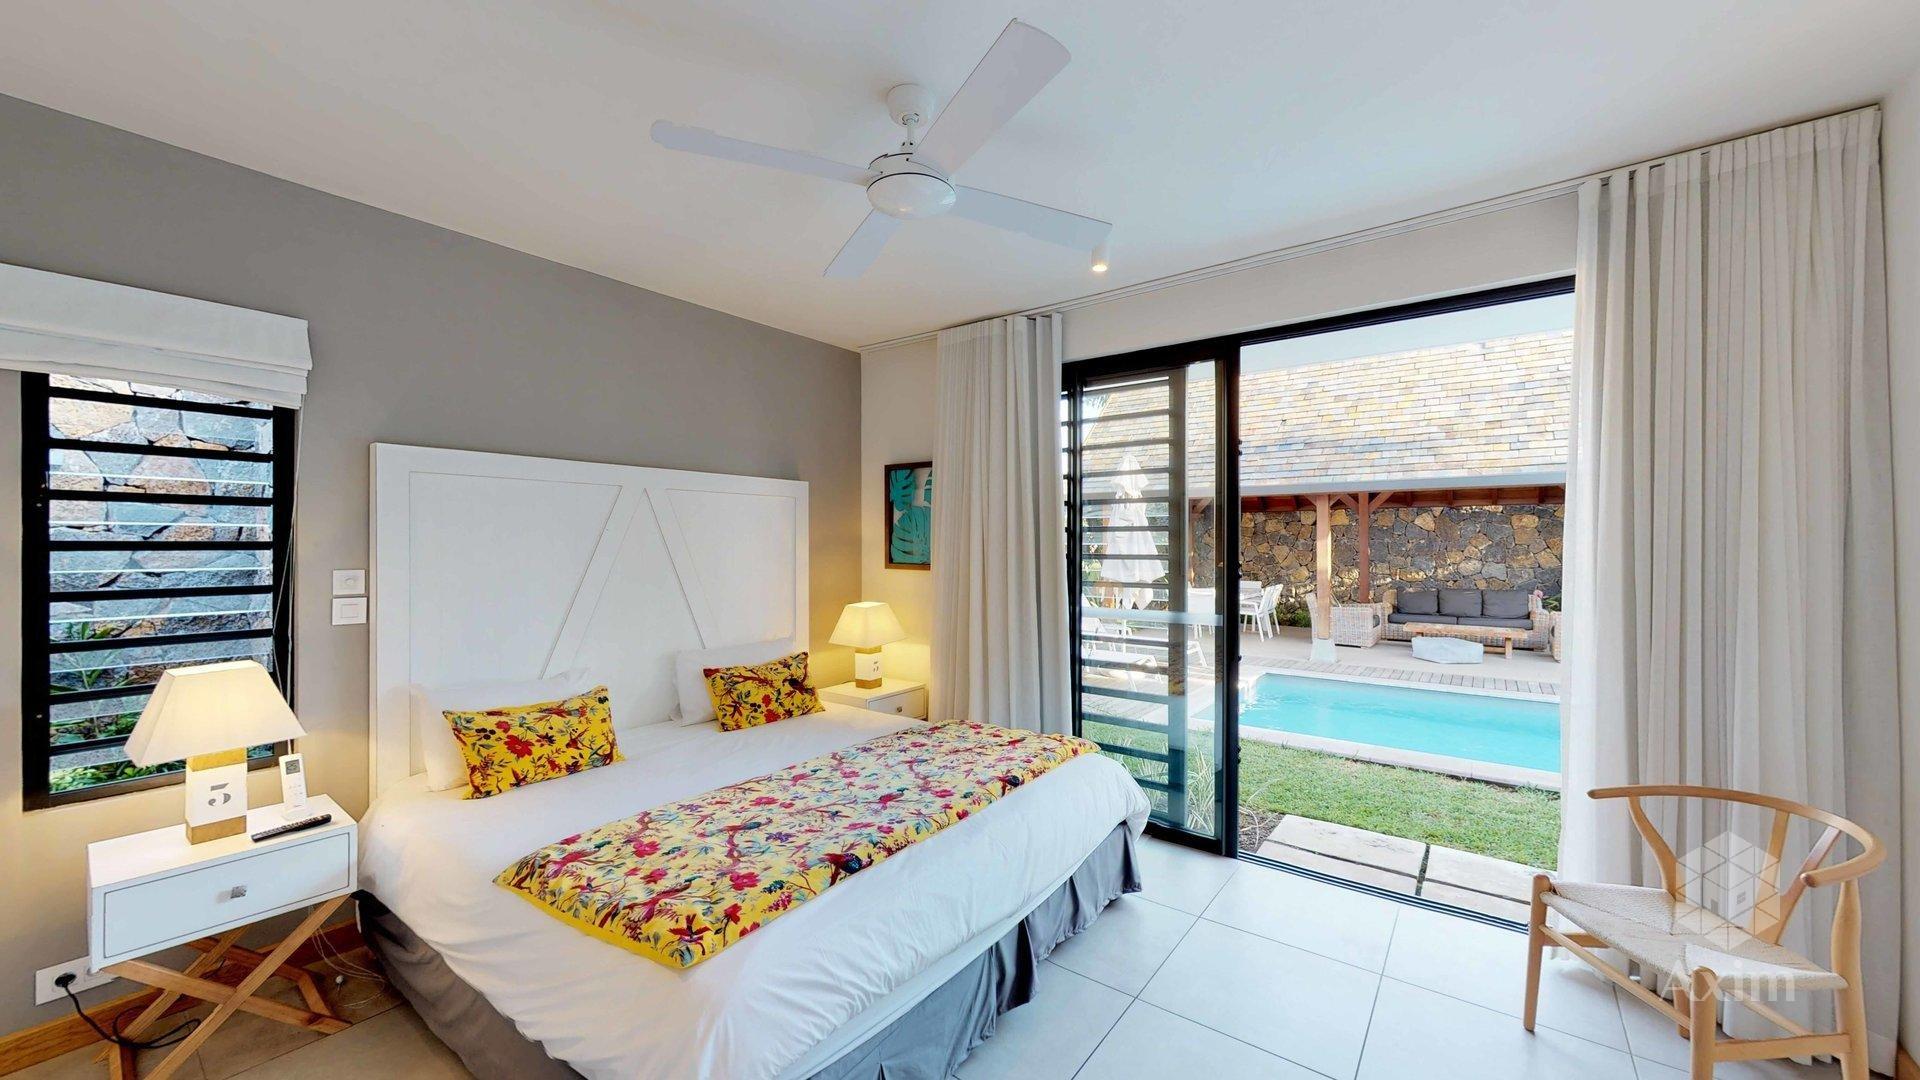 TAMARIN - Villa neuve de 3 chambres dans une résidence hautement sécurisé